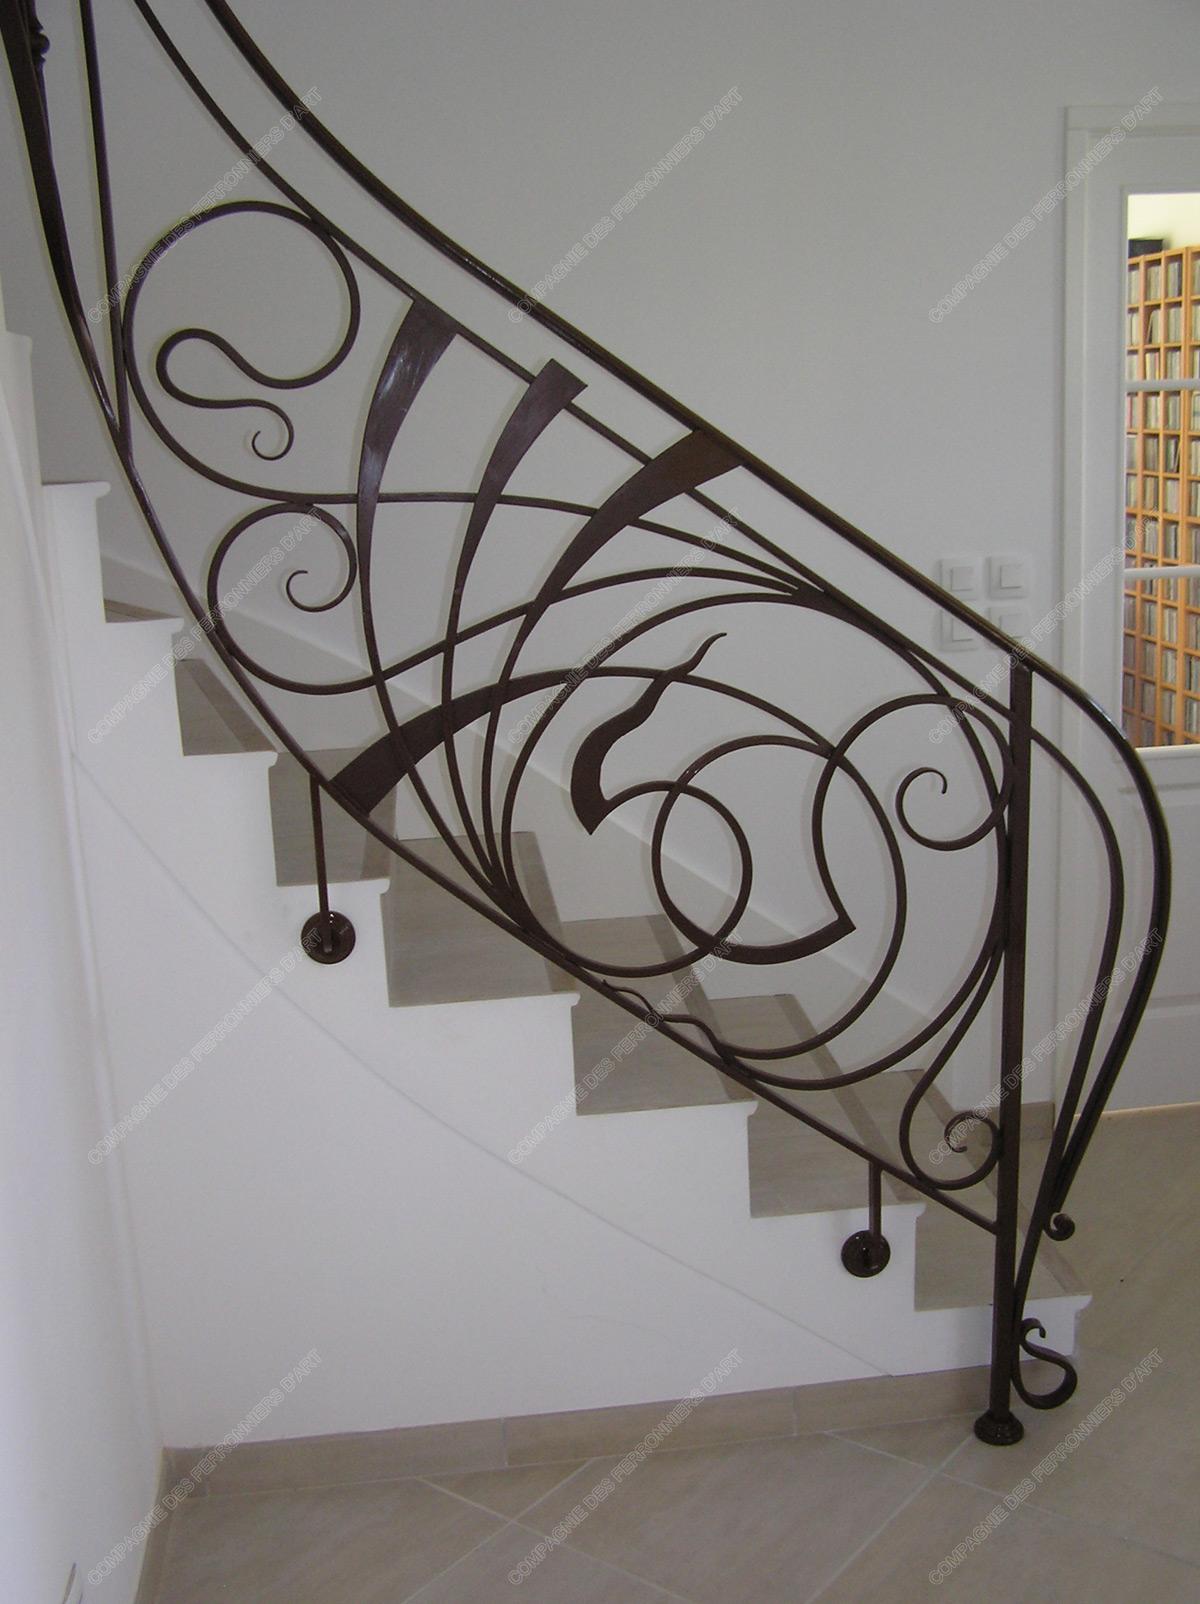 rampes d 39 escalier en fer forg art nouveau mod le nouille. Black Bedroom Furniture Sets. Home Design Ideas